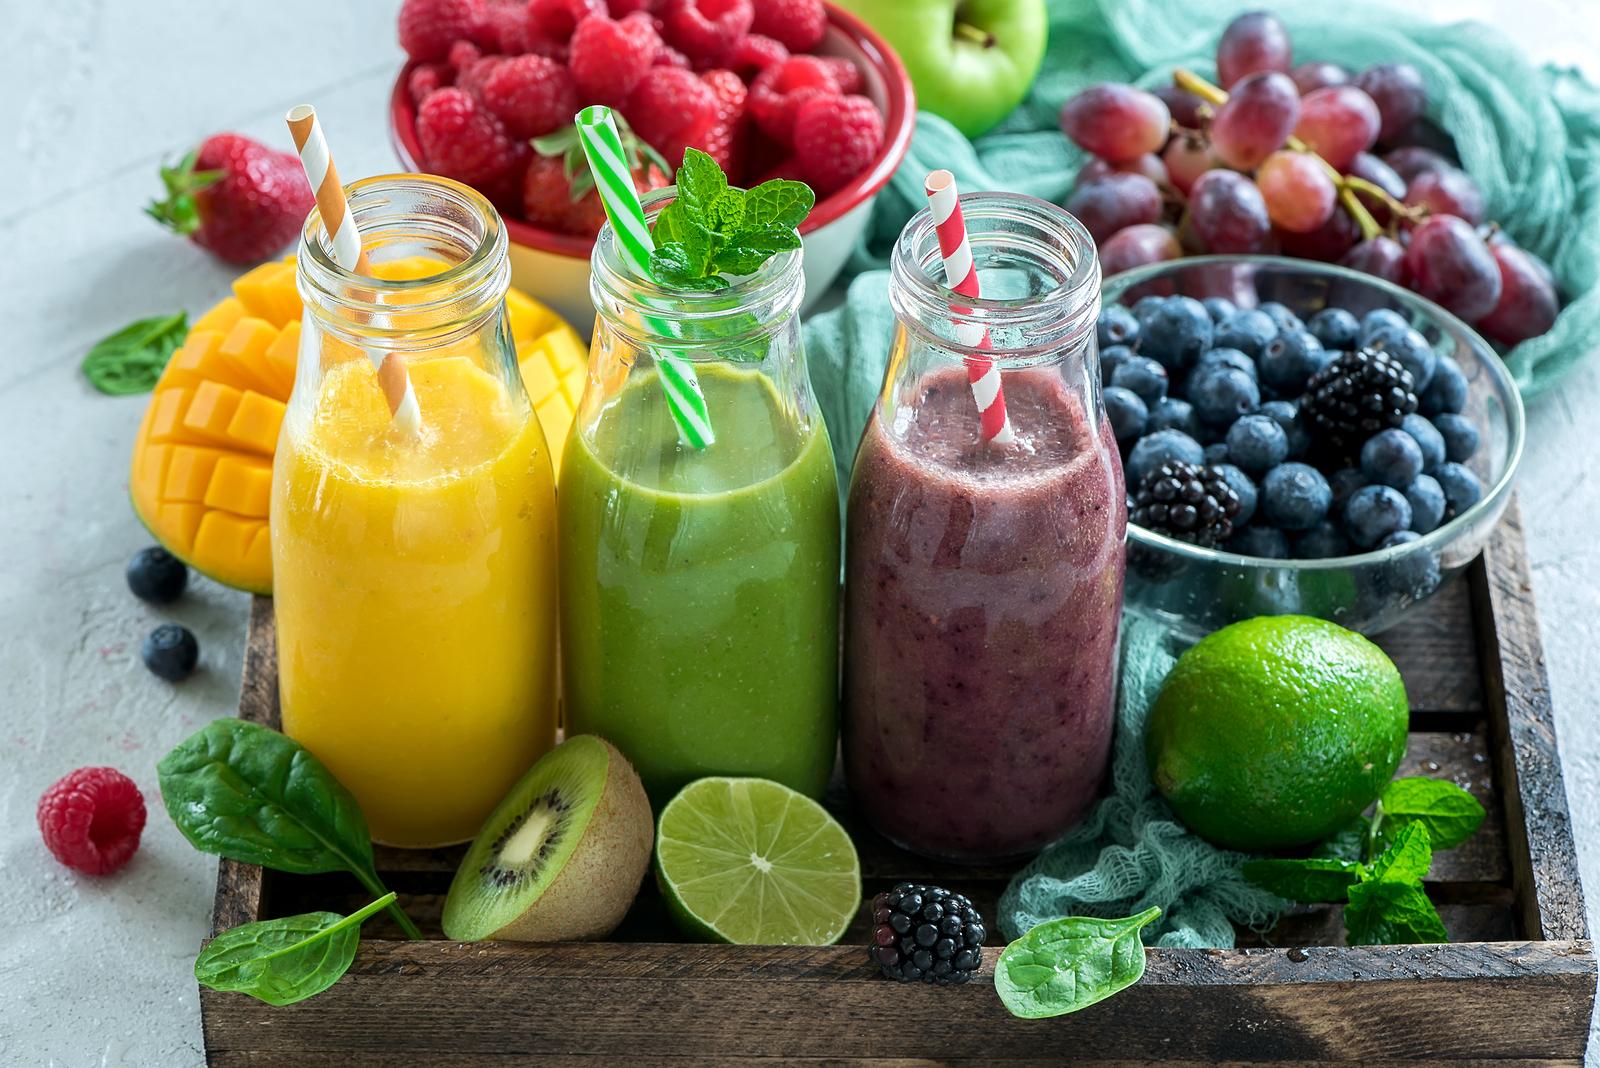 Различные смузи в бутылках с трубочкой и фрукты